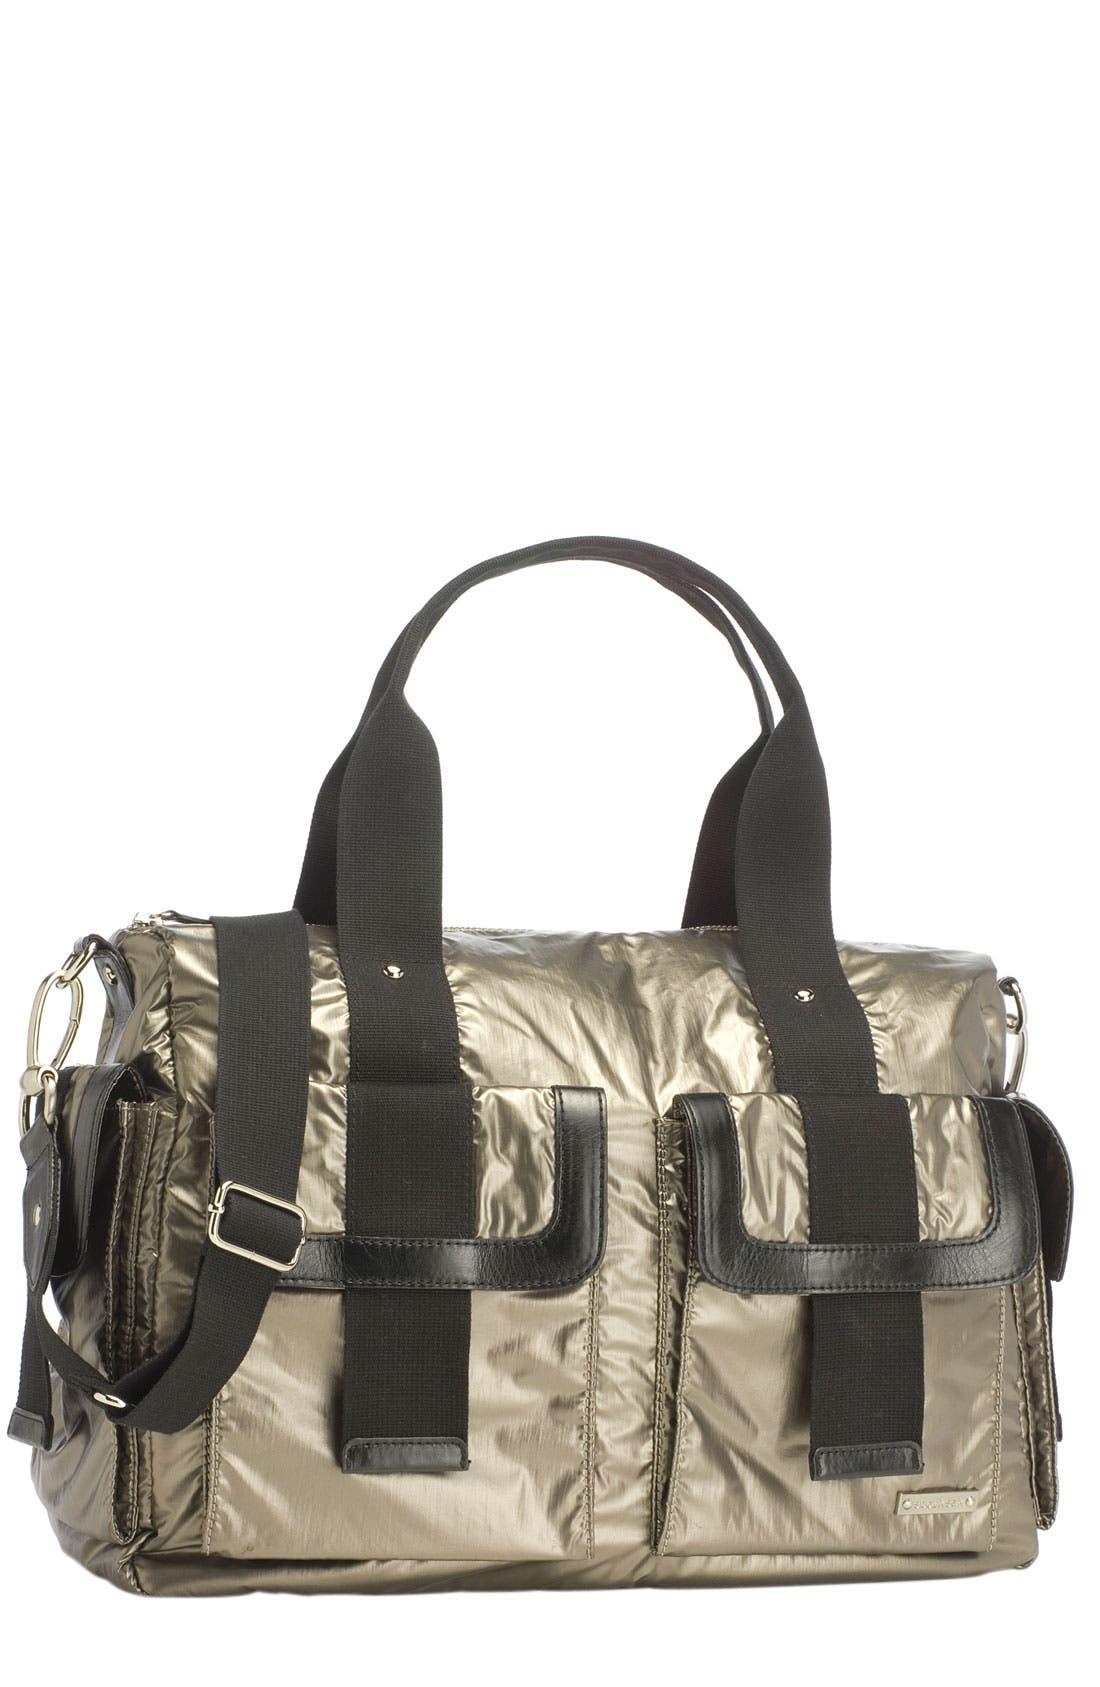 Main Image - SOPHIA BAG